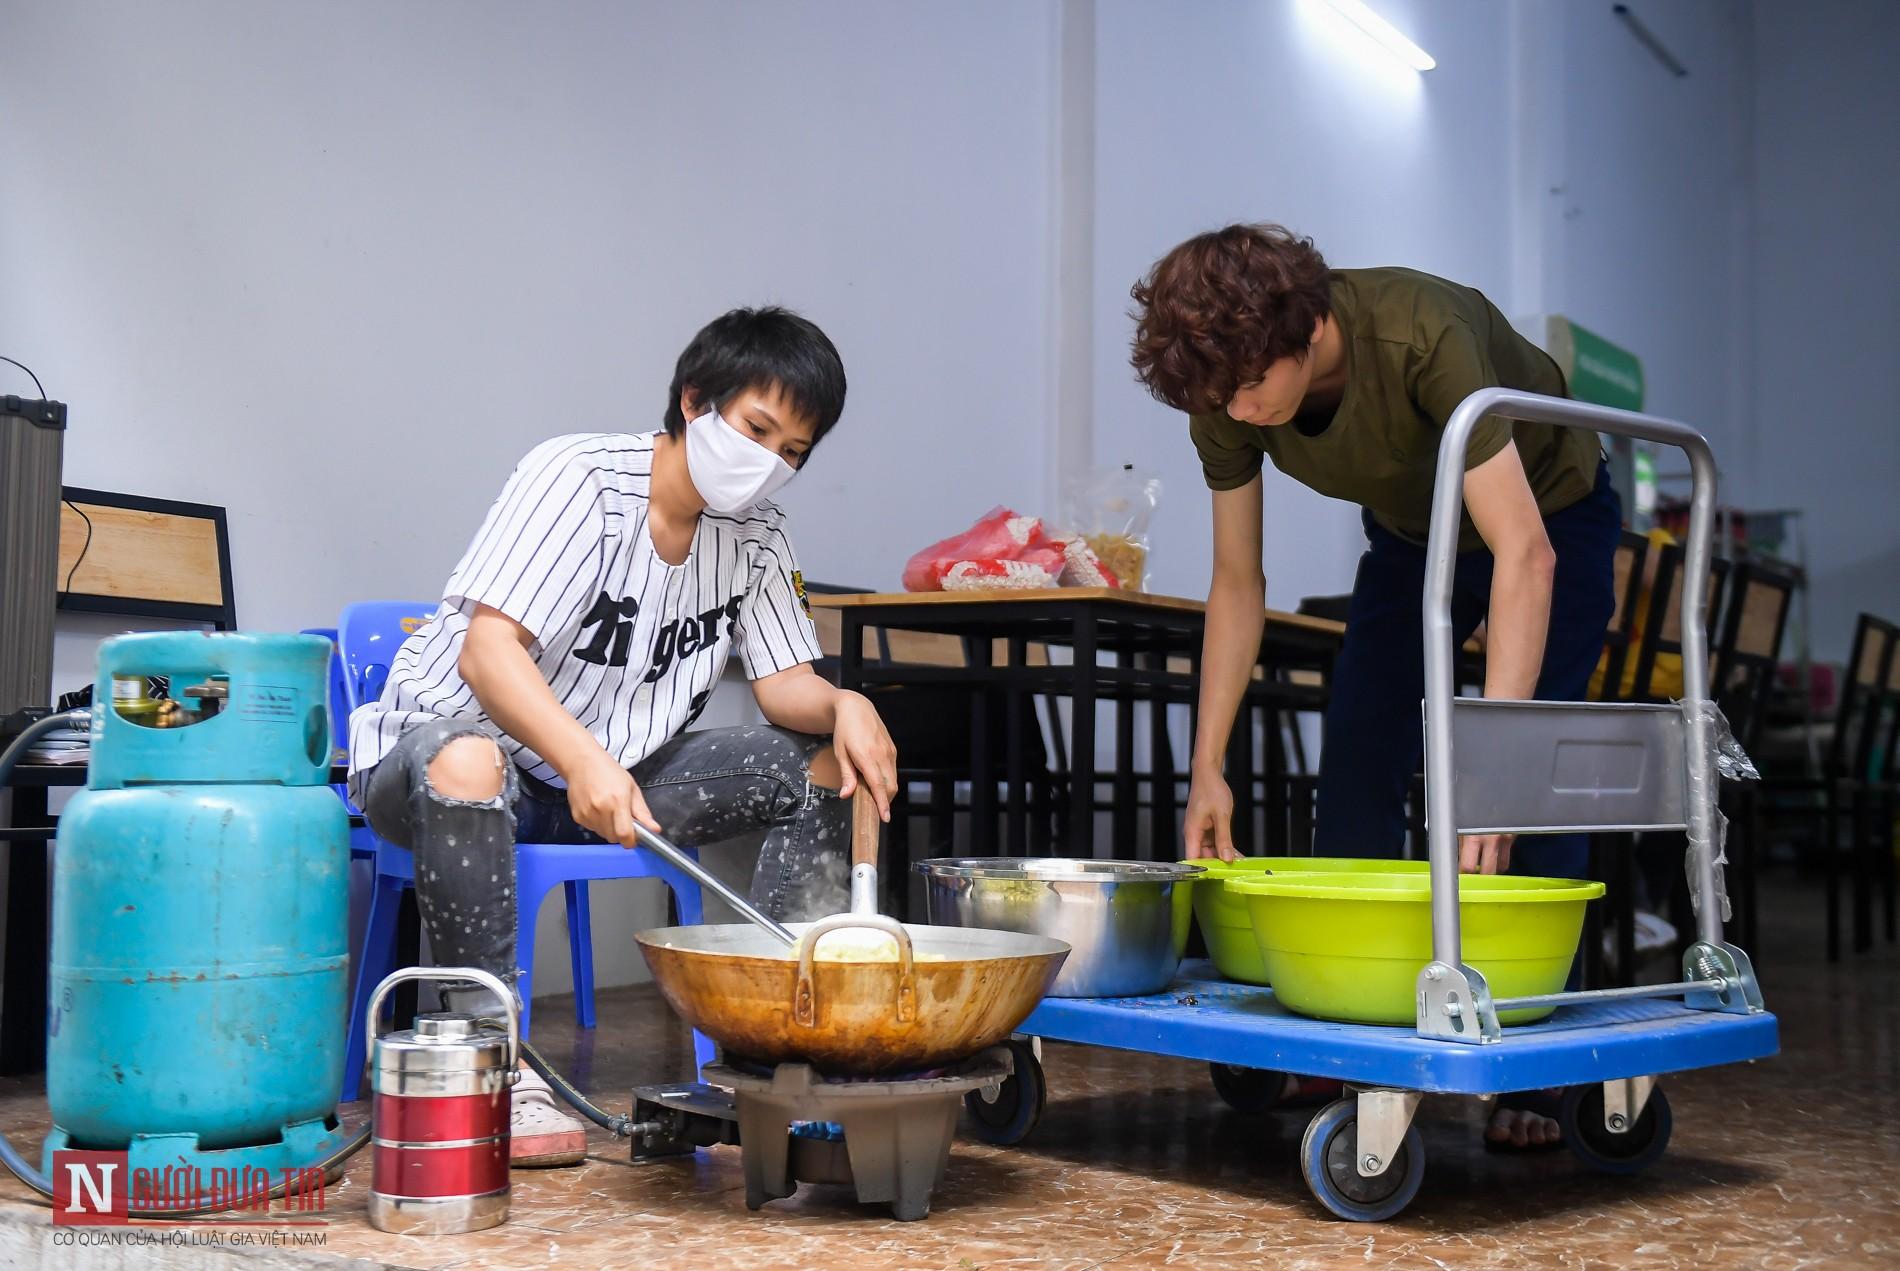 Người phụ nữ nấu hàng trăm suất cơm, chè miễn phí cho y, bác sĩ chống dịch COVID-19 - Ảnh 2.